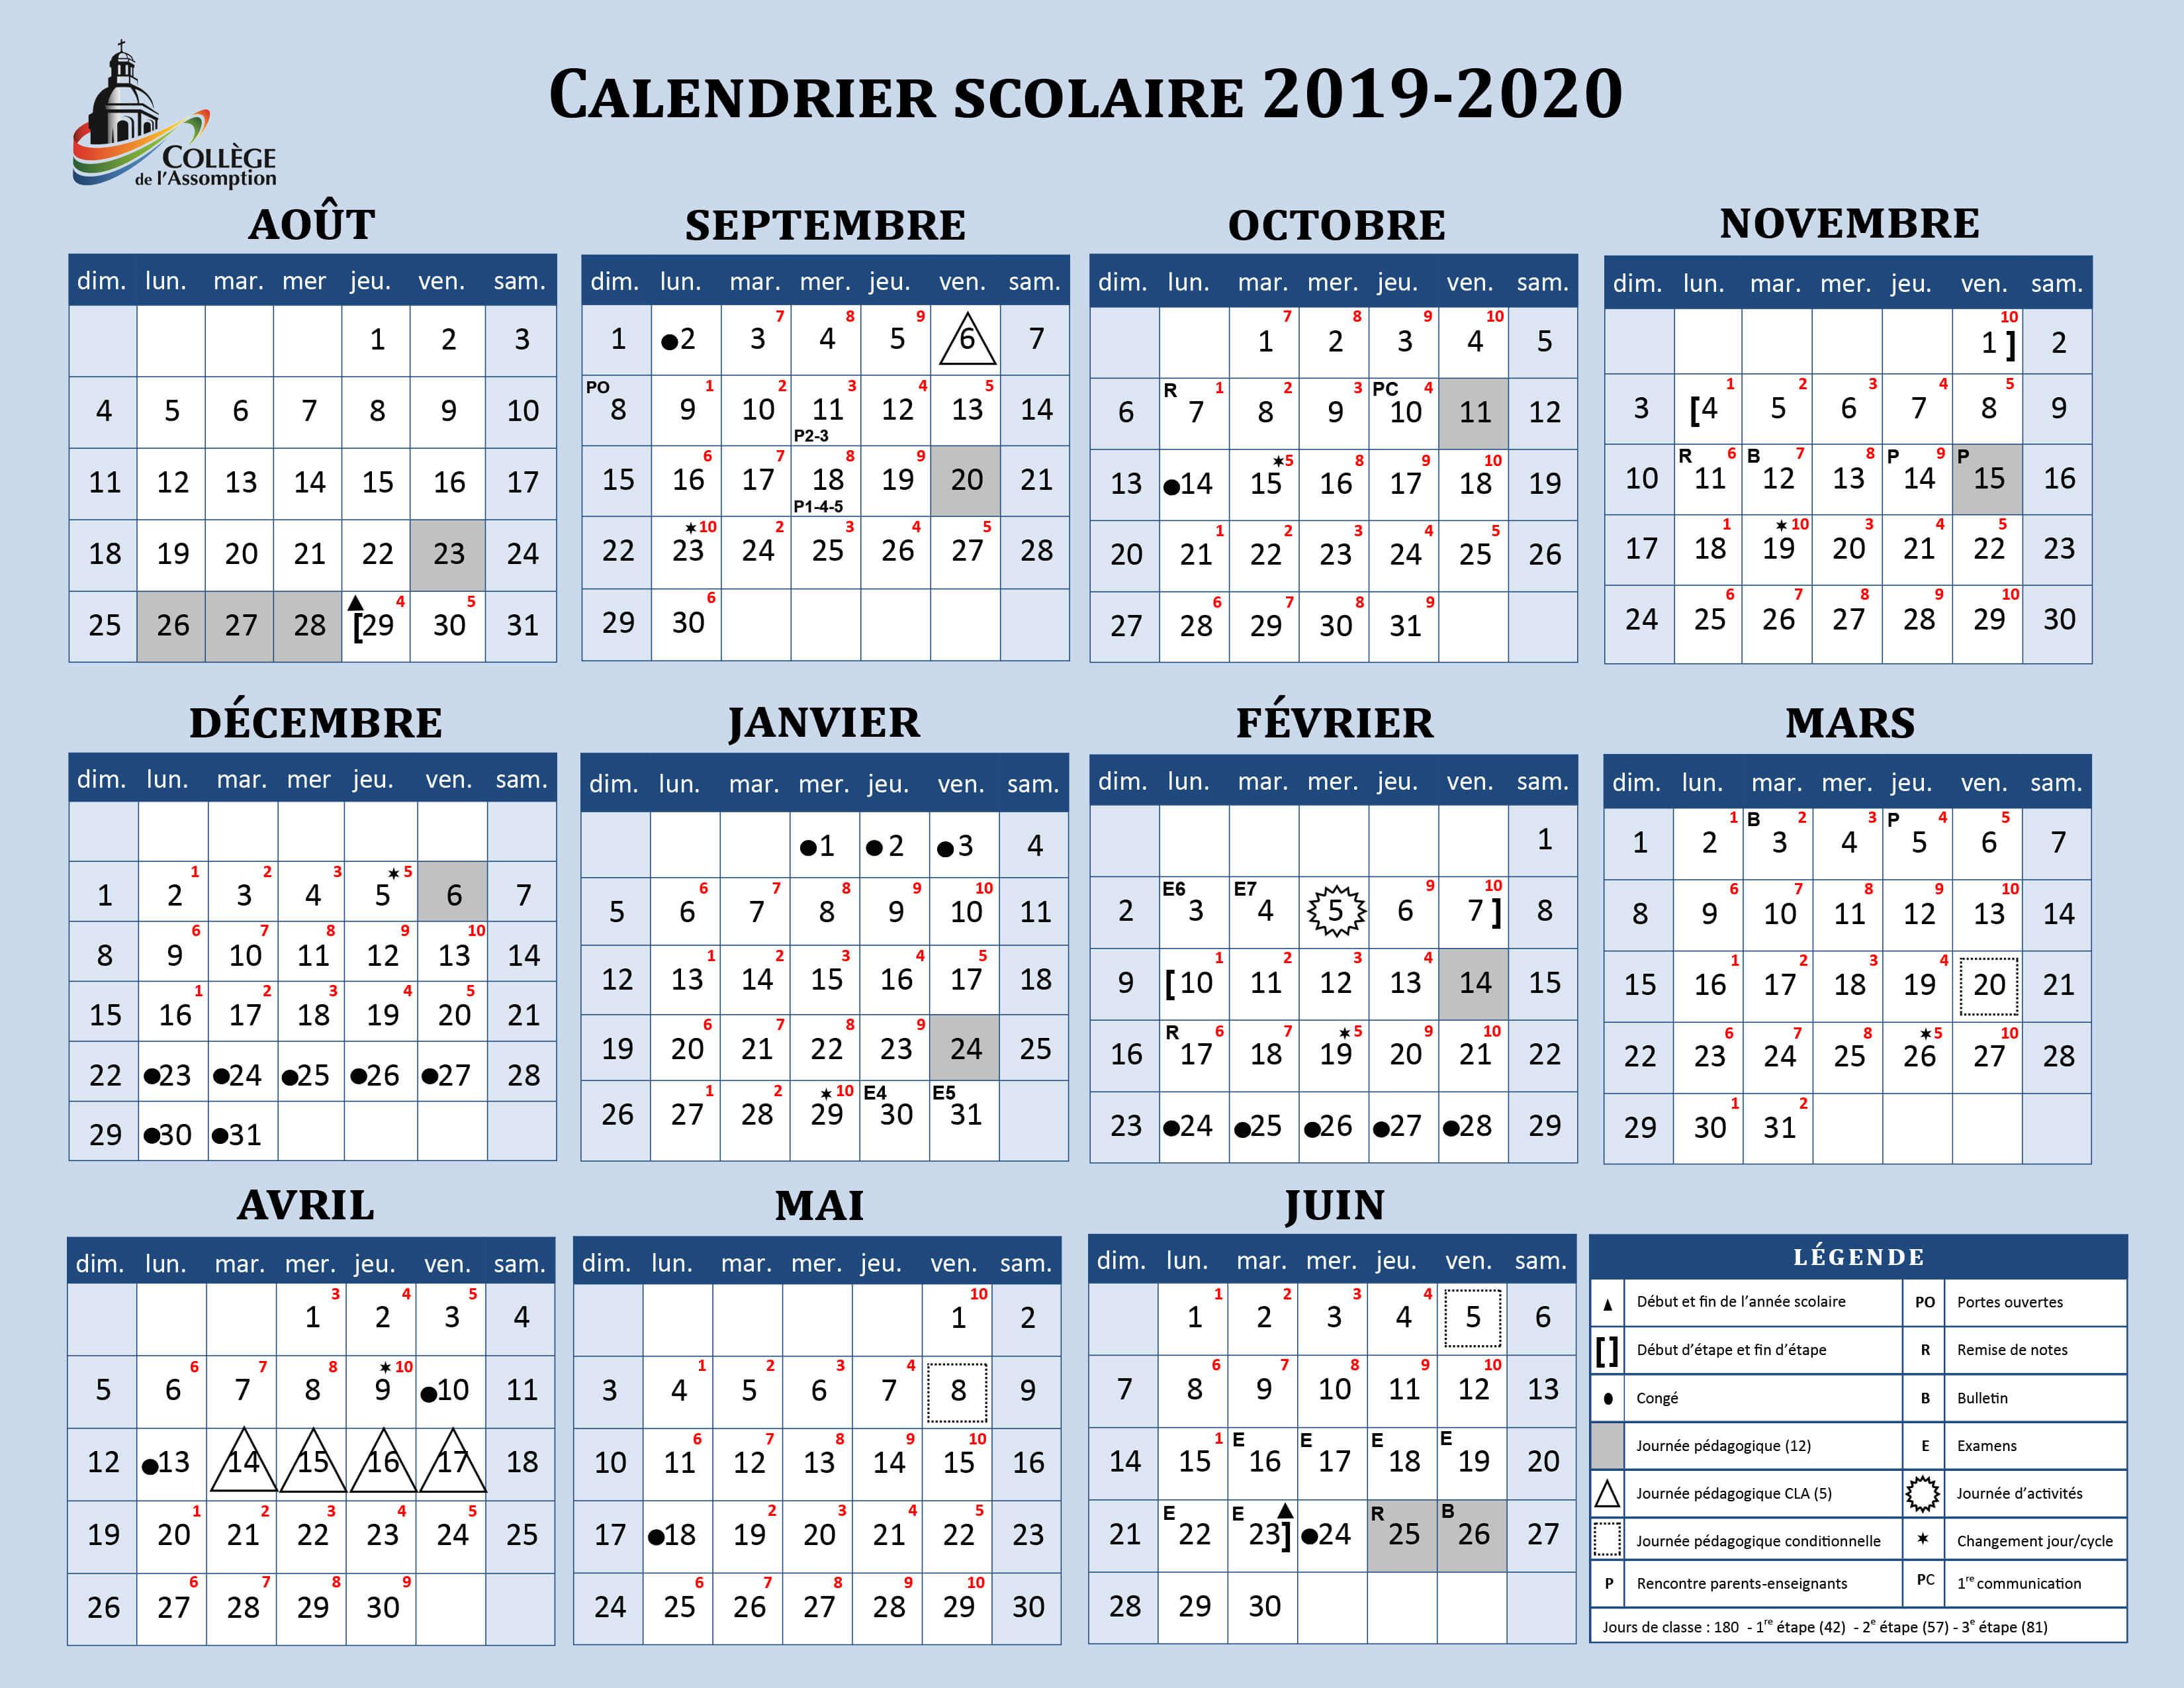 Calendrier Scolaire 2020 Et 2019.Calendrier Scolaire Et Grille Matieres College De L Assomption